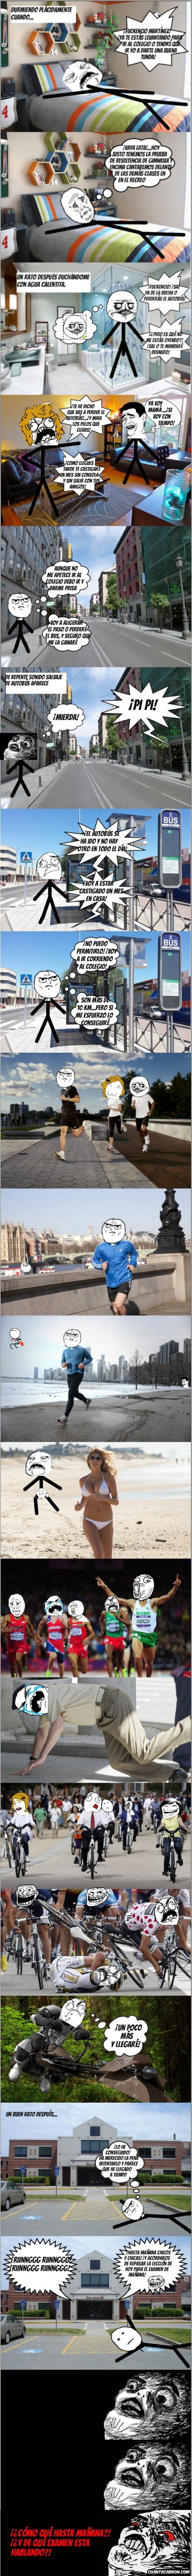 Yao - La carrera del siglo